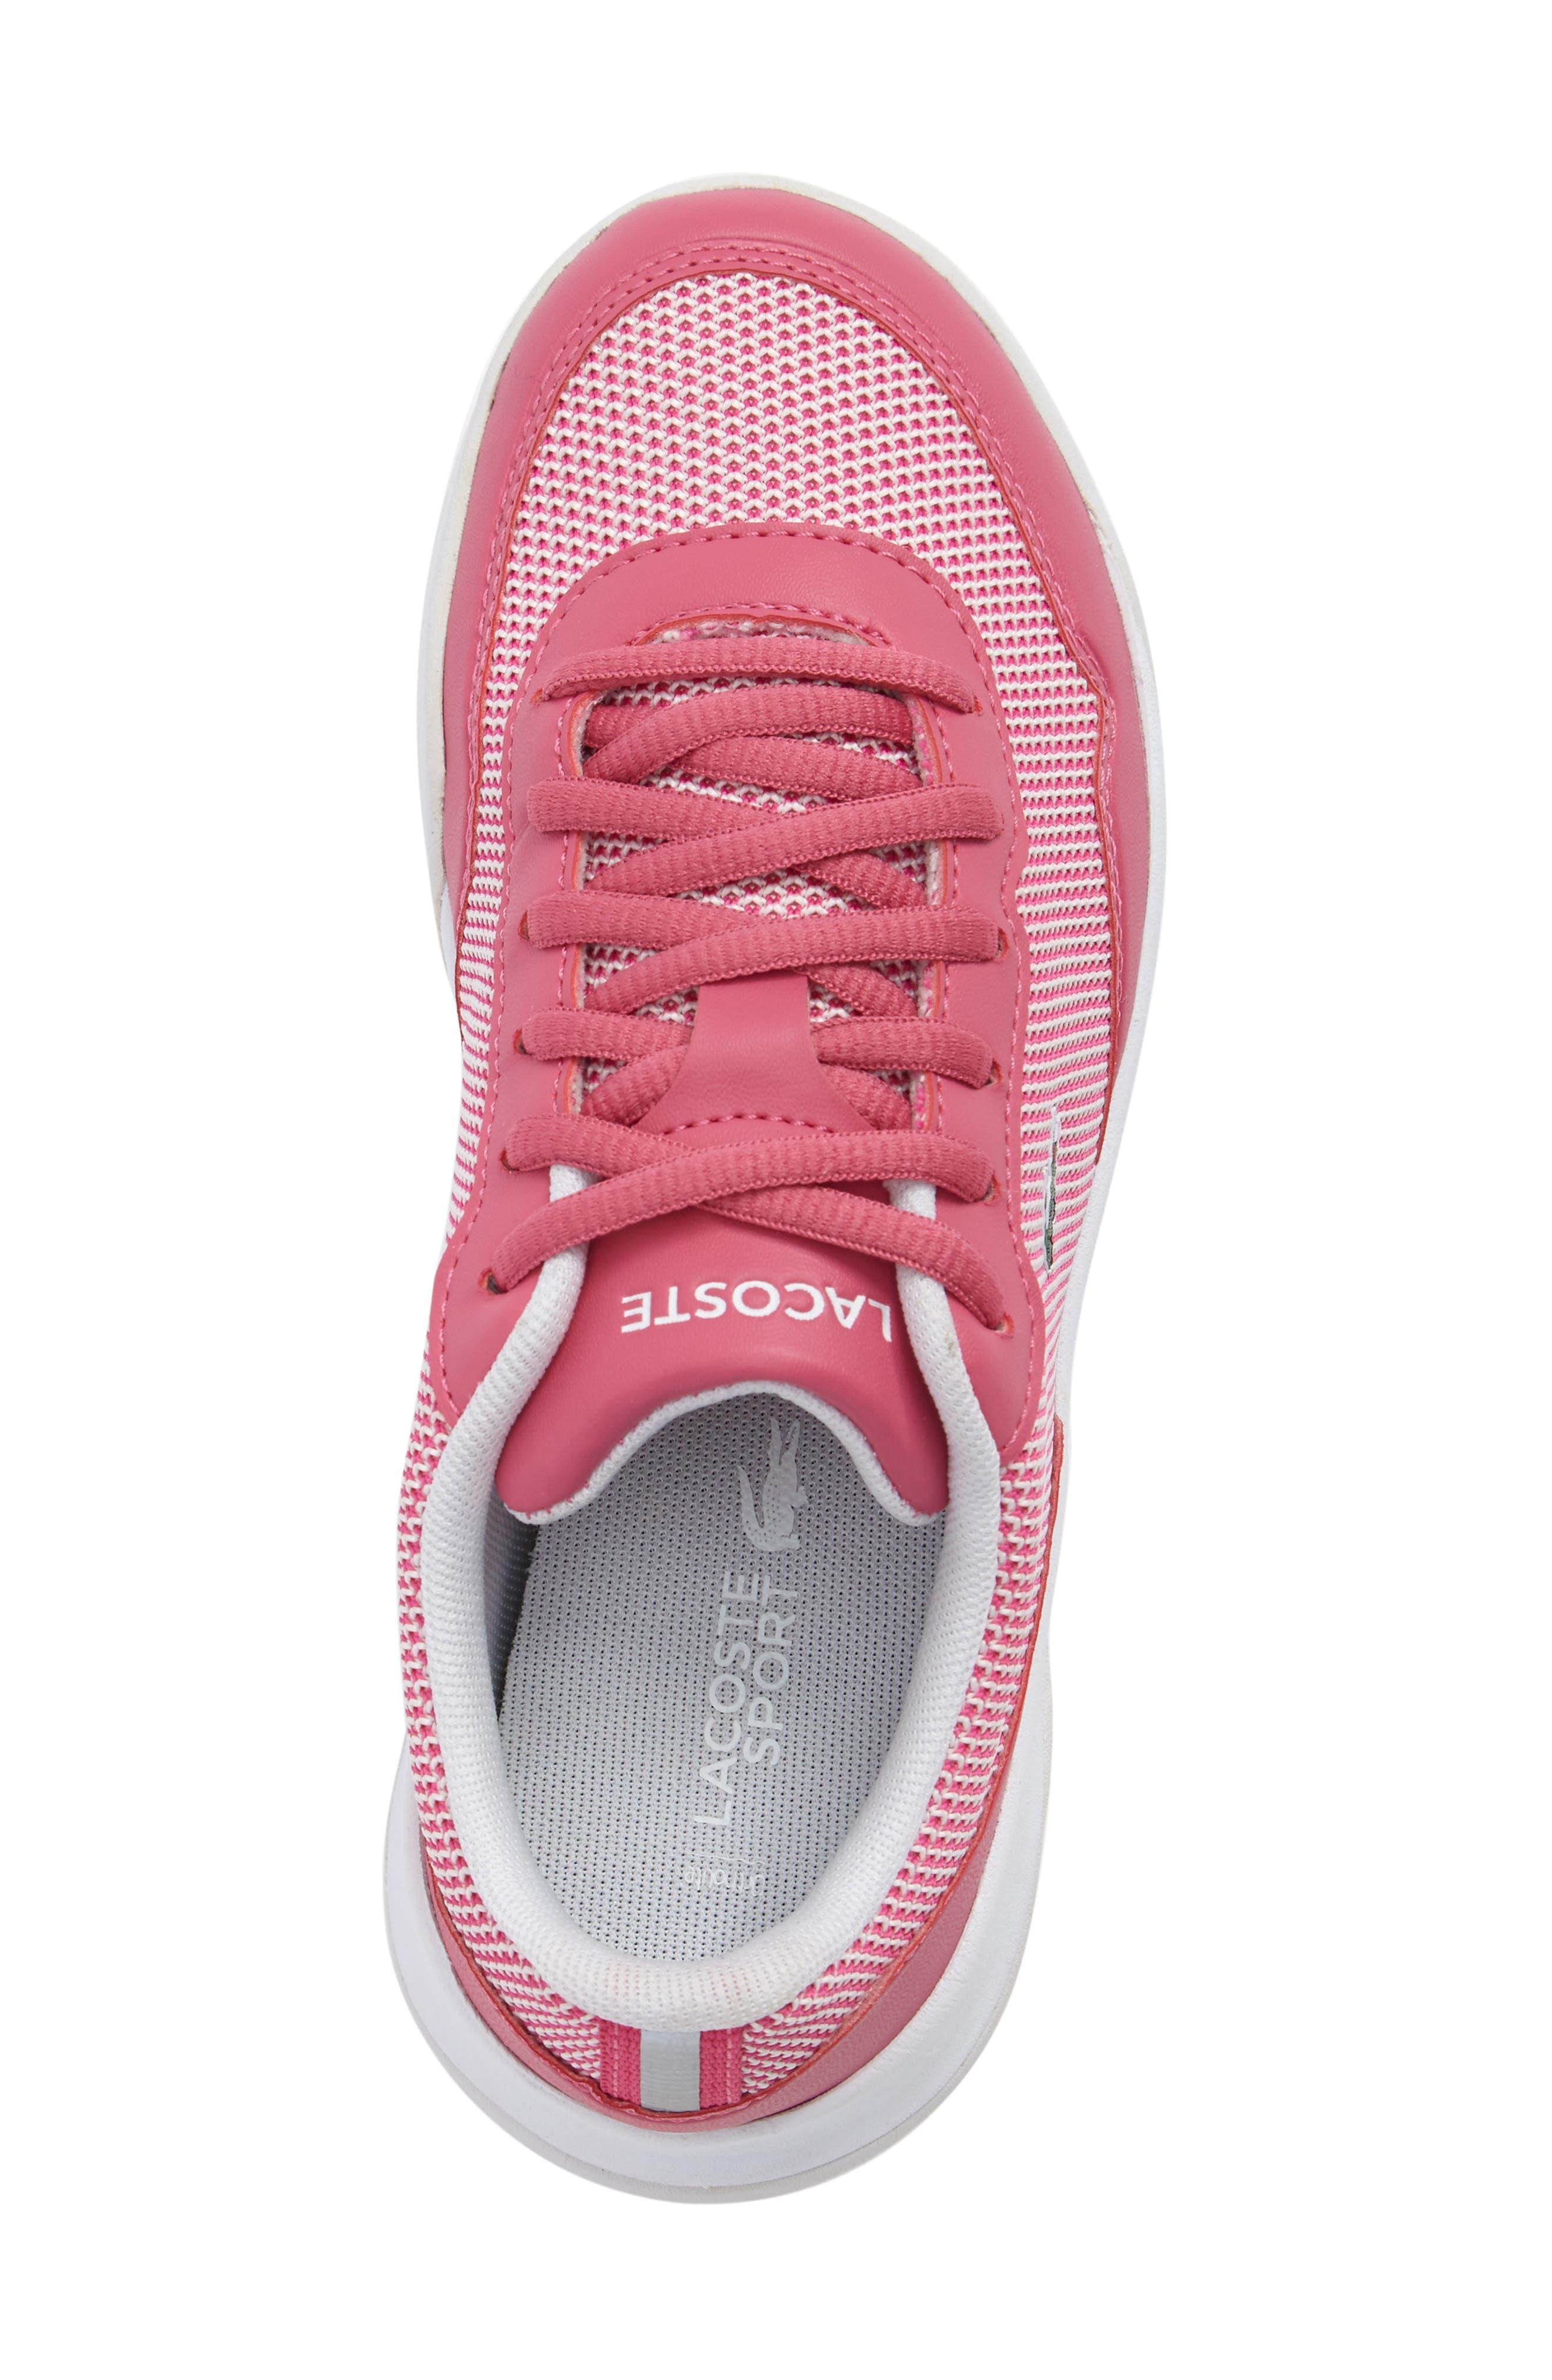 LT Spirit Woven Sneaker,                             Alternate thumbnail 5, color,                             Pink/ White